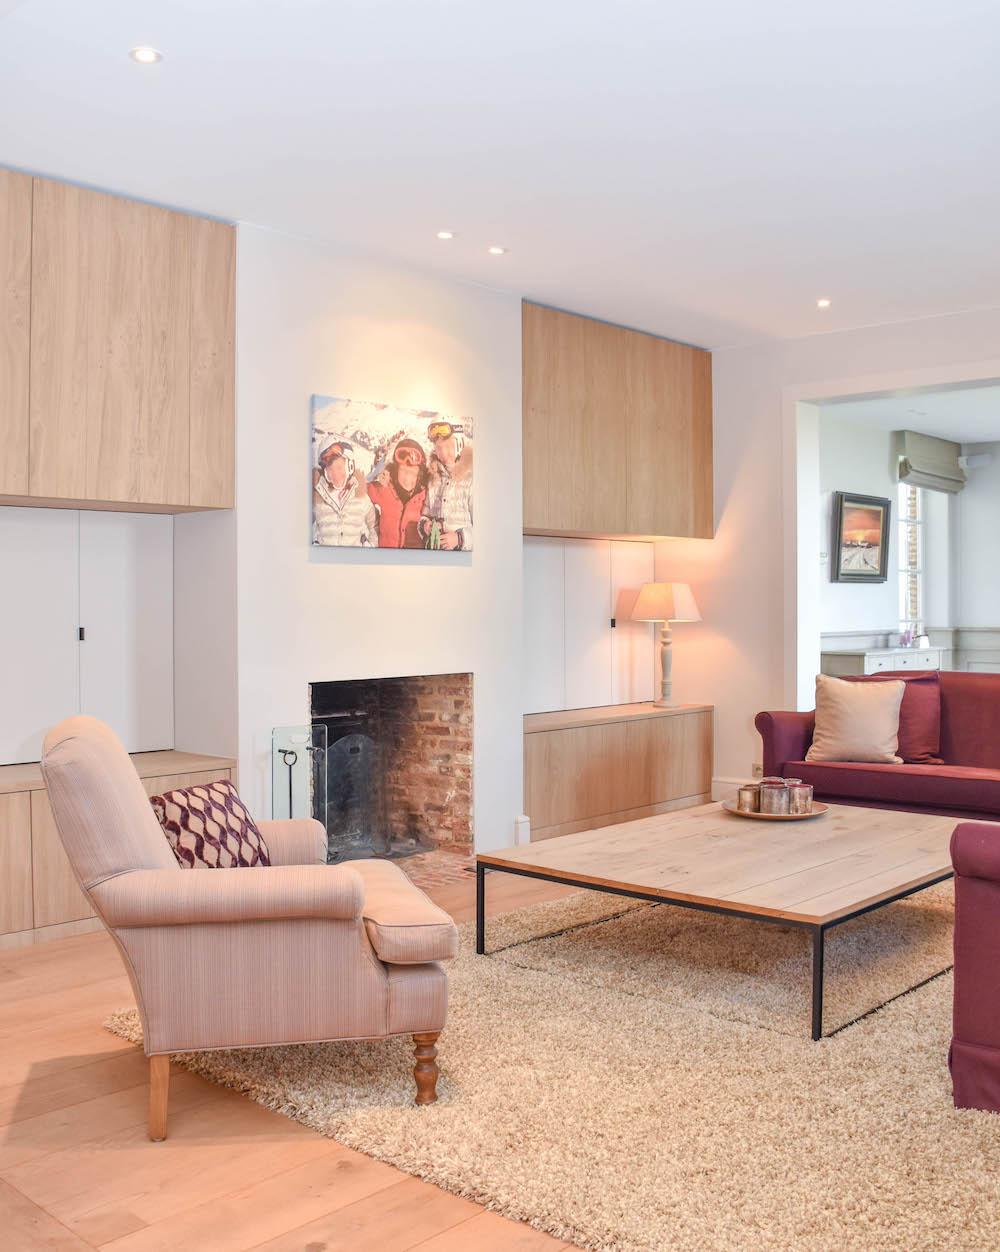 Landelijke woning laetitia deknudt interieur for Landelijk wonen interieur